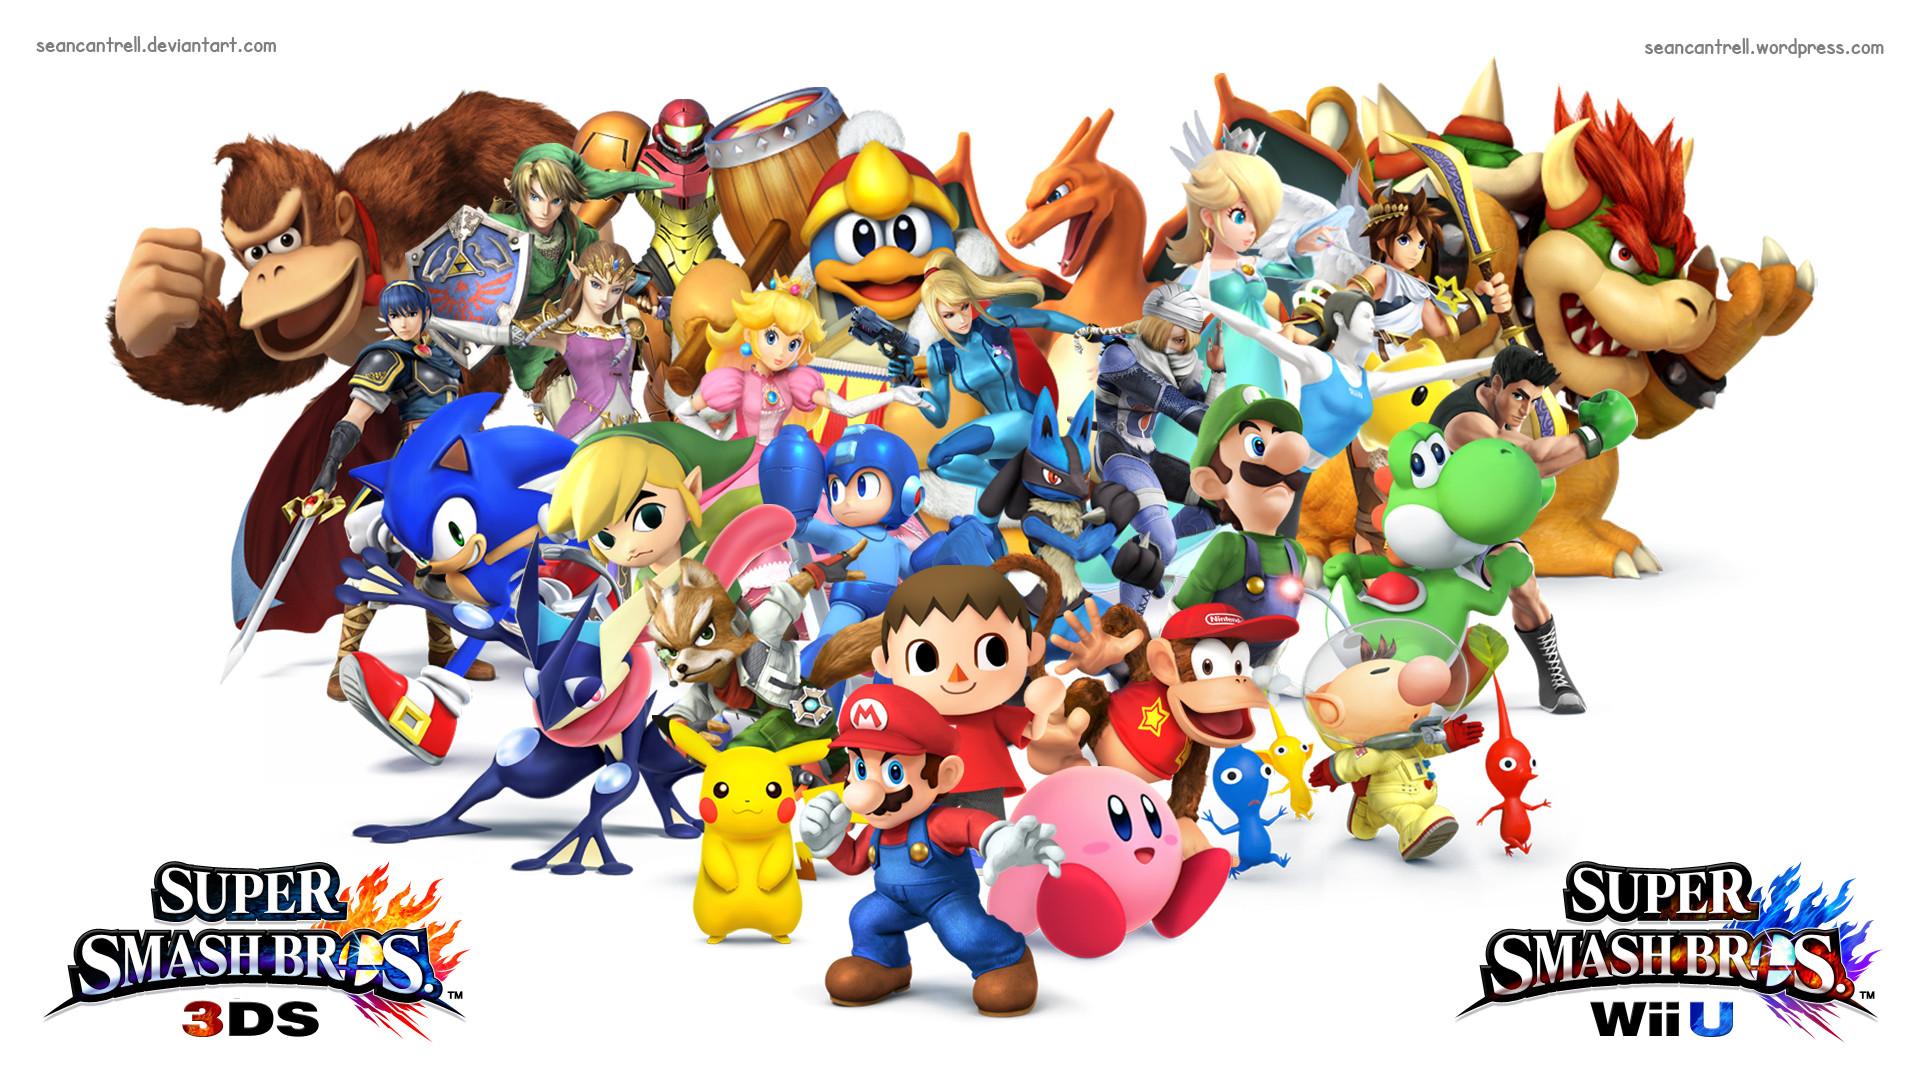 Super Smash Bros Wii U / 3DS Wallpaper by seancantrell on DeviantArt